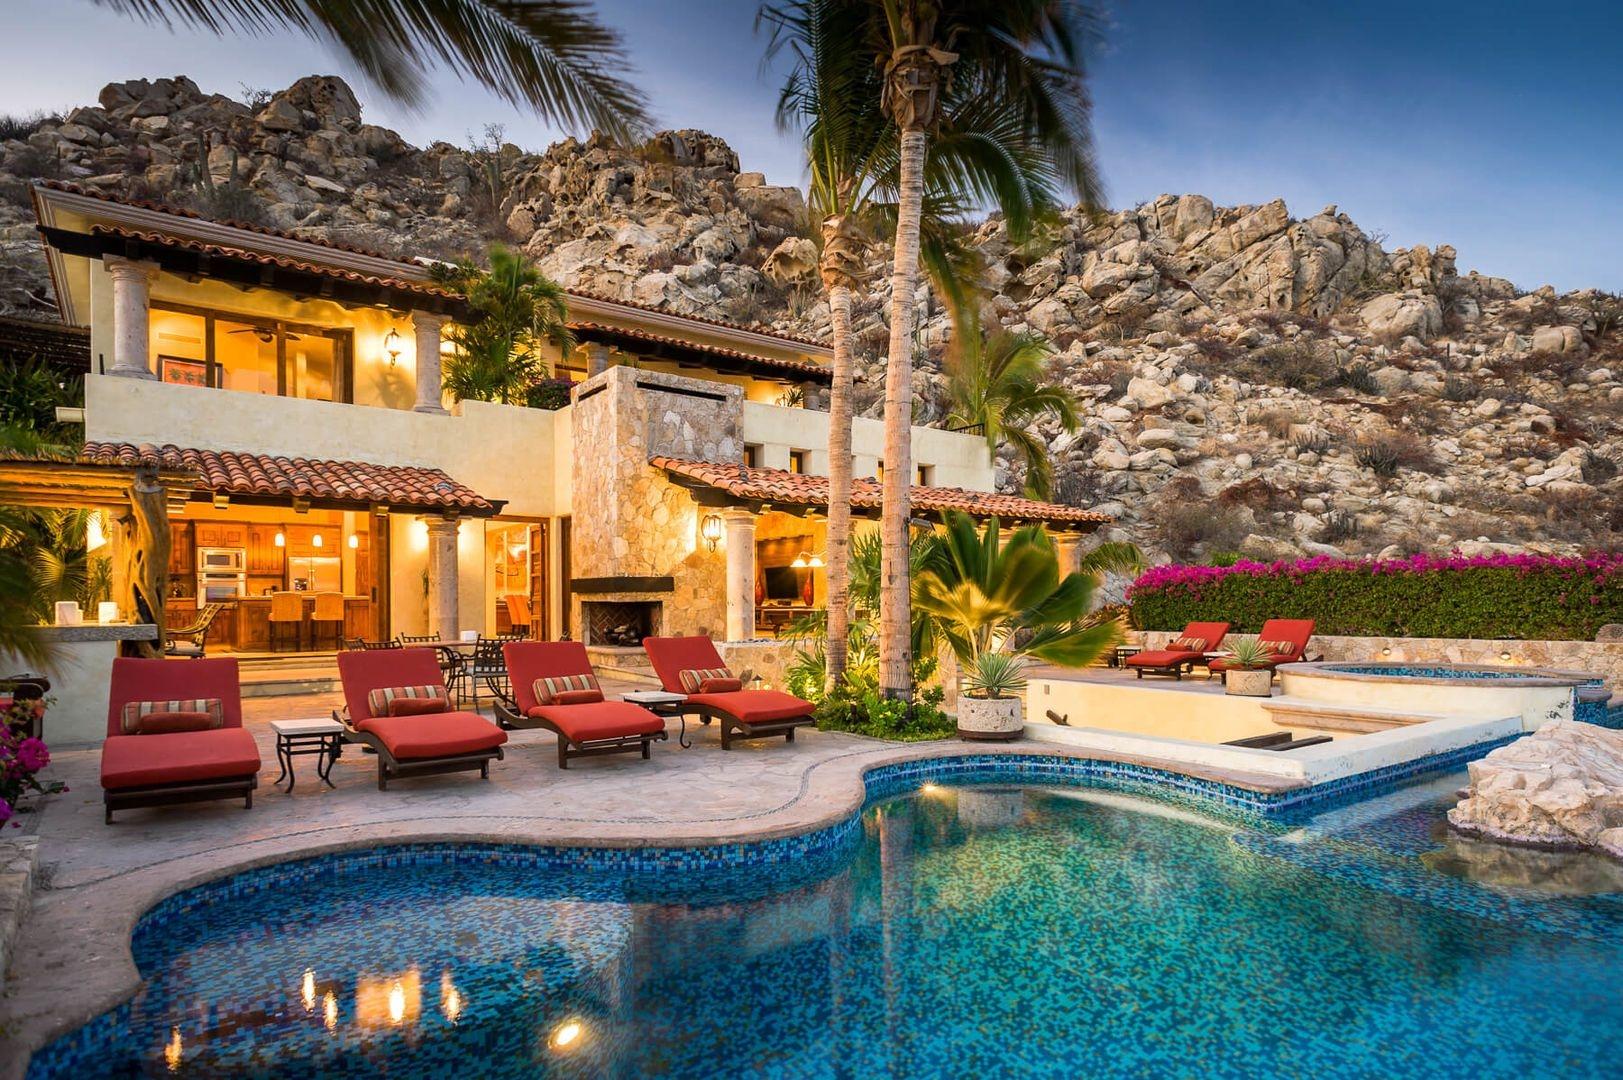 Luxury vacation rentals mexico - Los cabos - Pedr egal - Villa Andaluza - Image 1/25